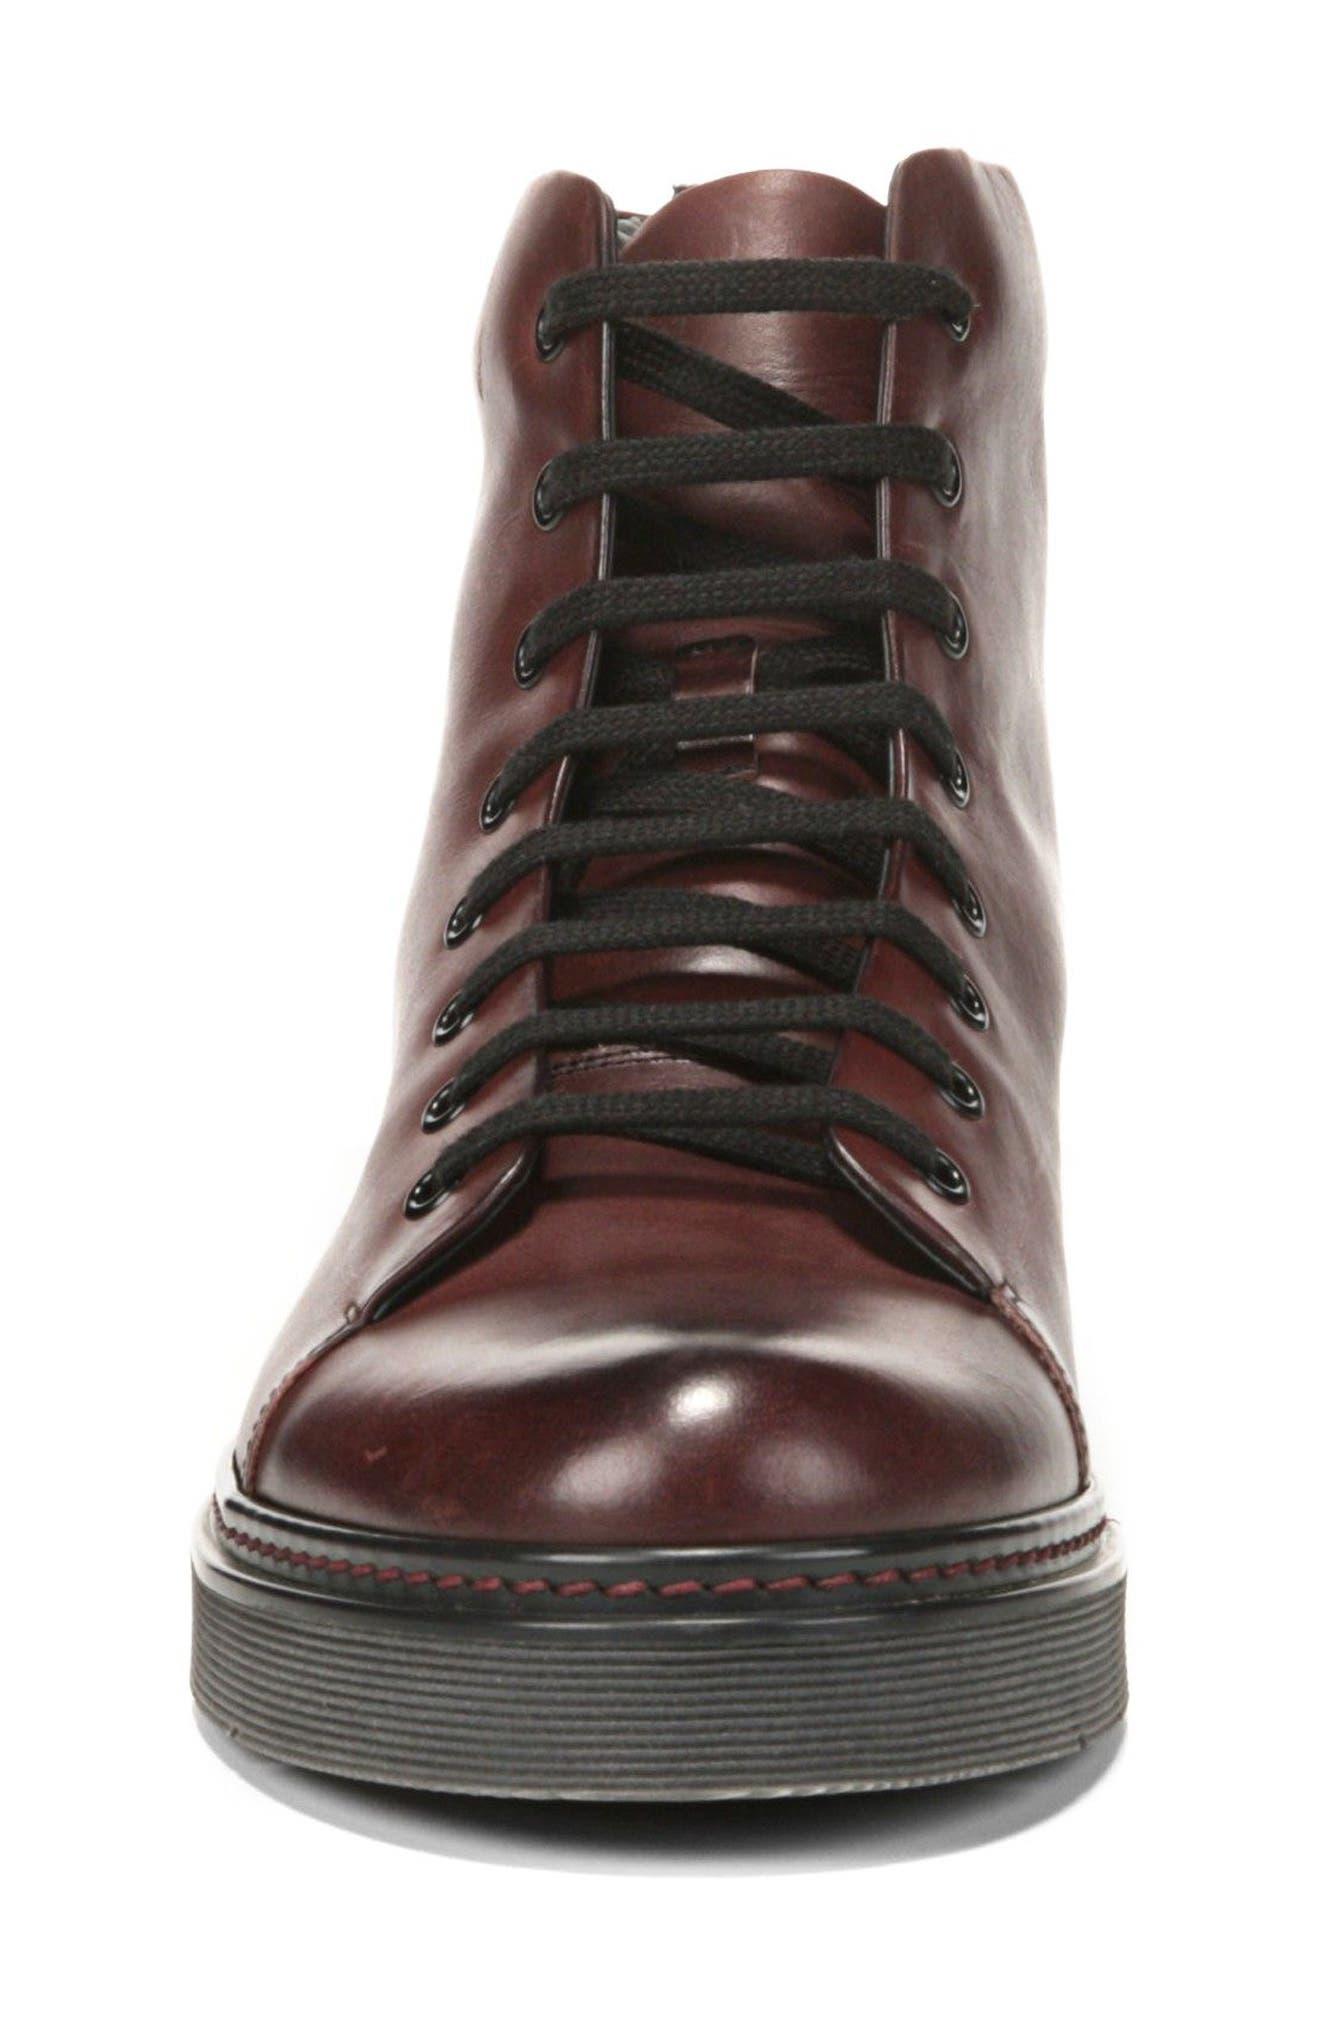 Malone Plain Toe Boot,                             Alternate thumbnail 8, color,